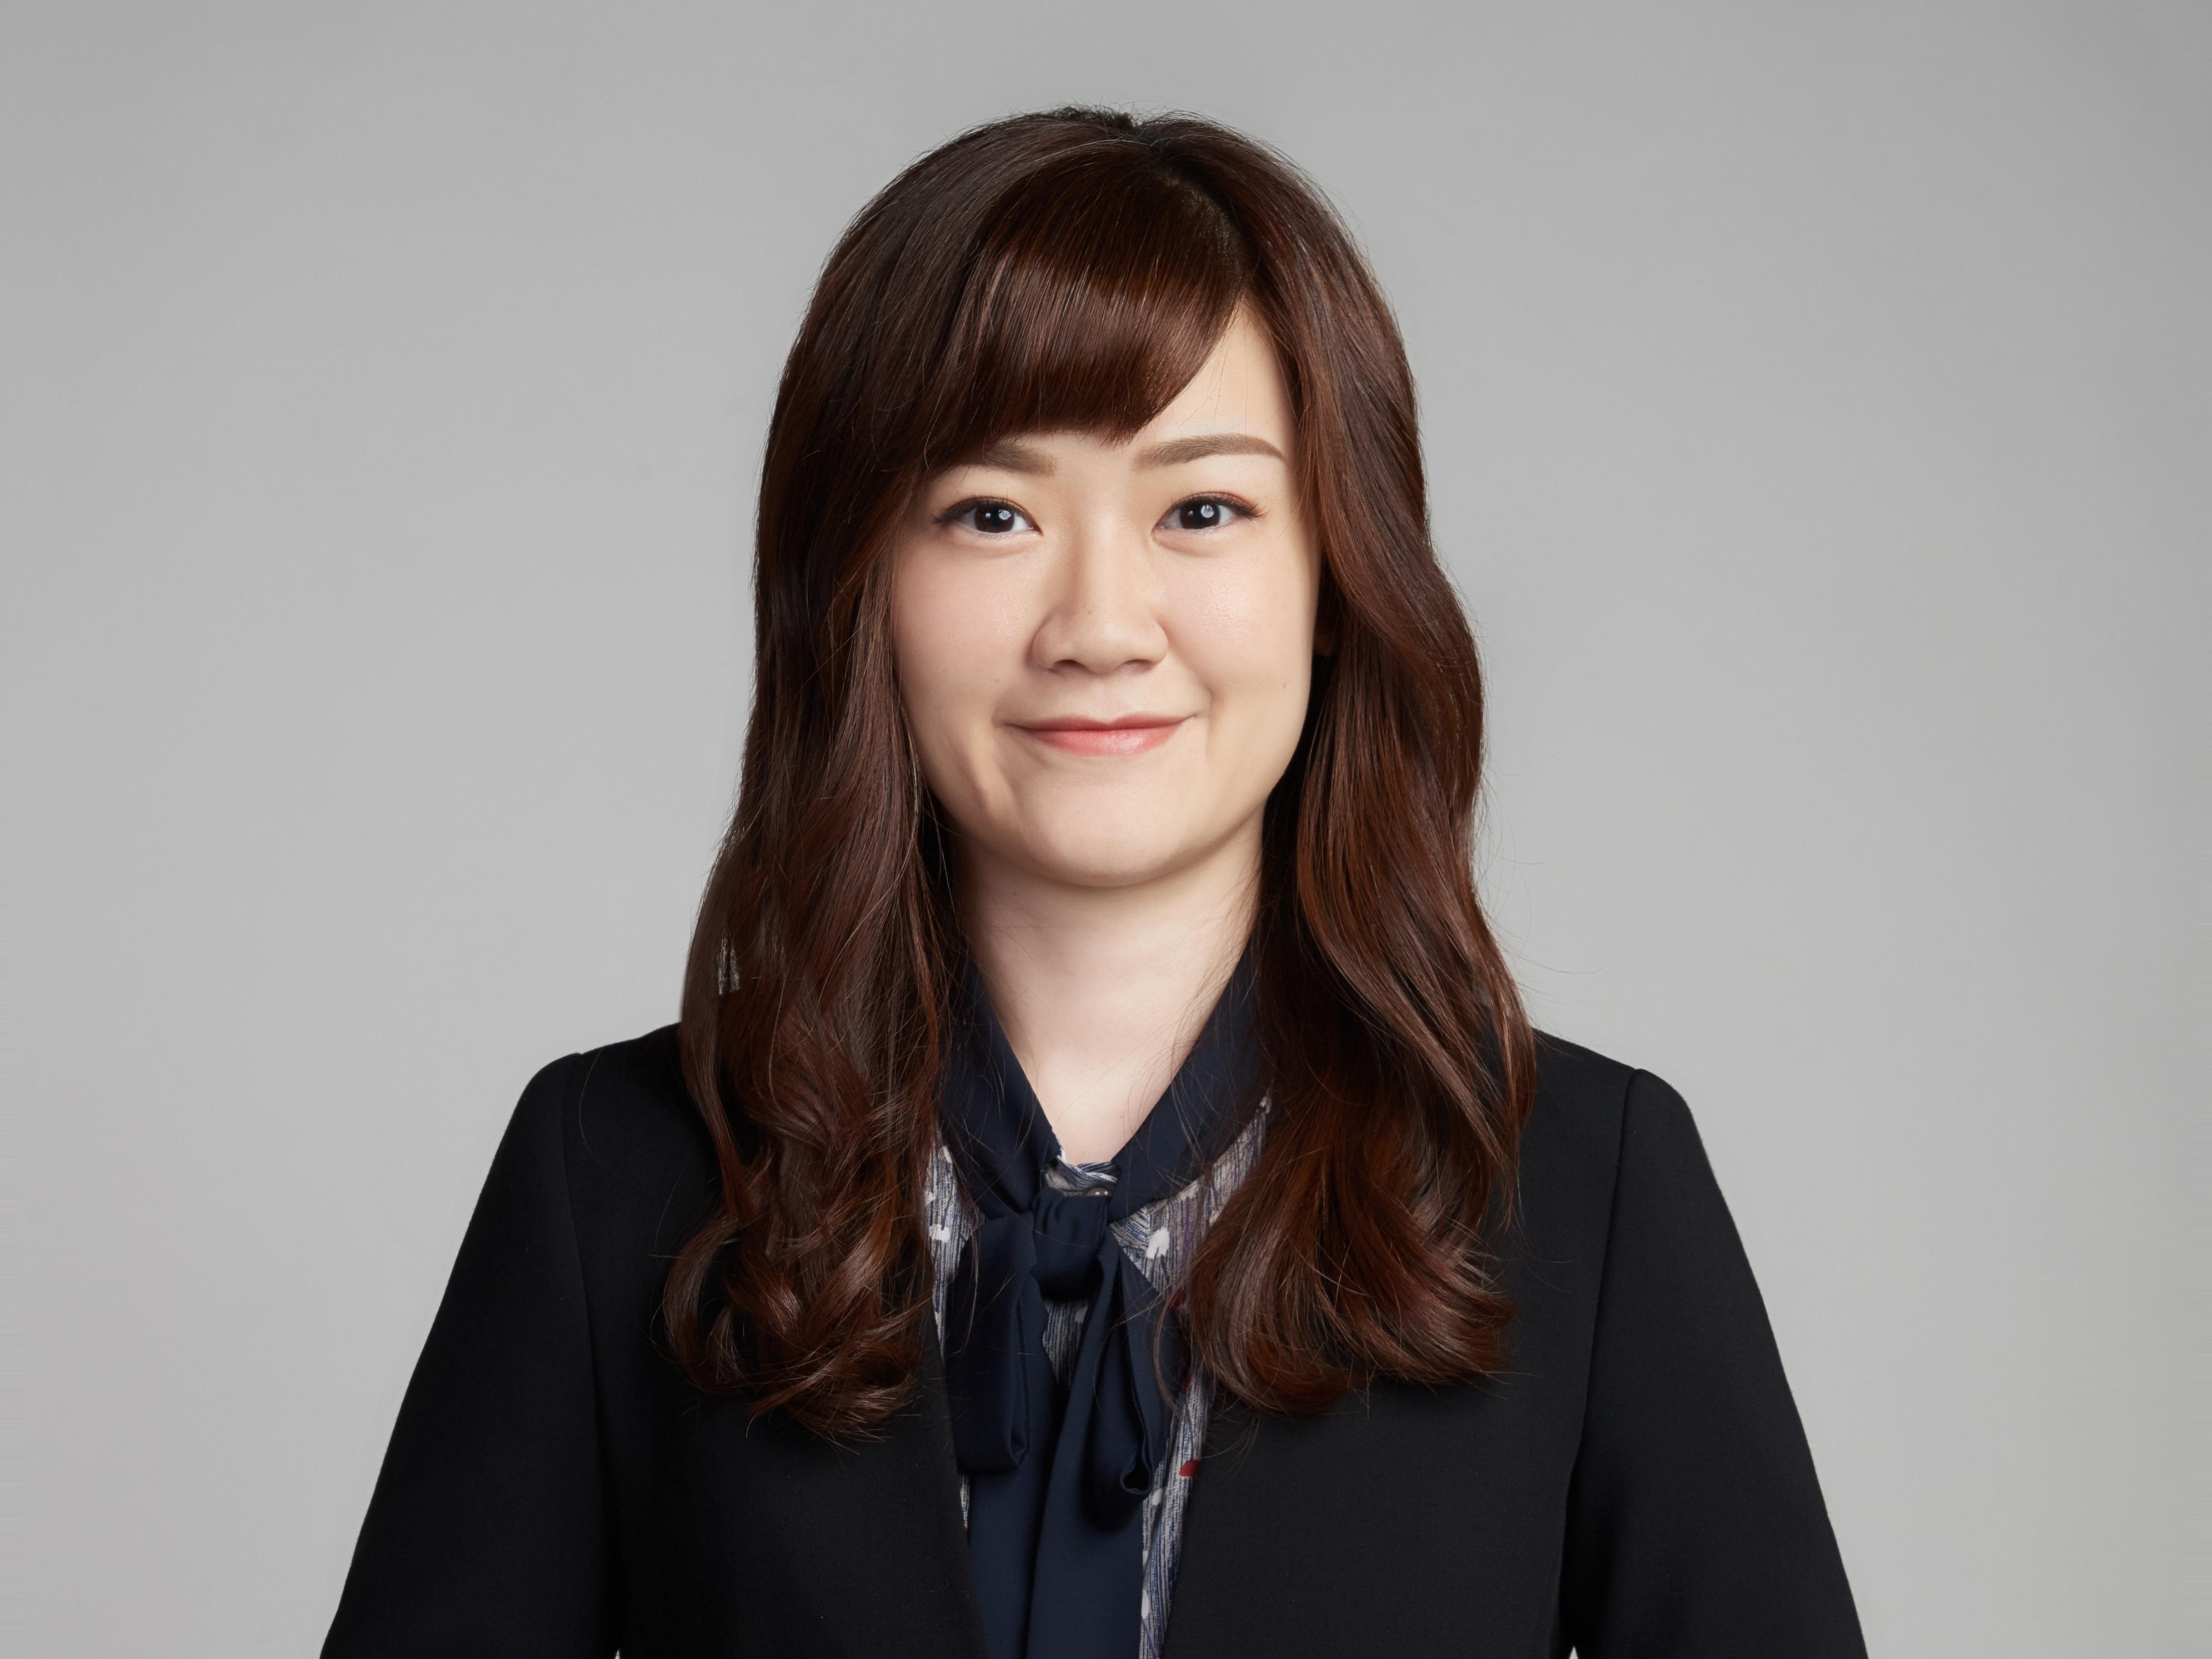 jung-yan